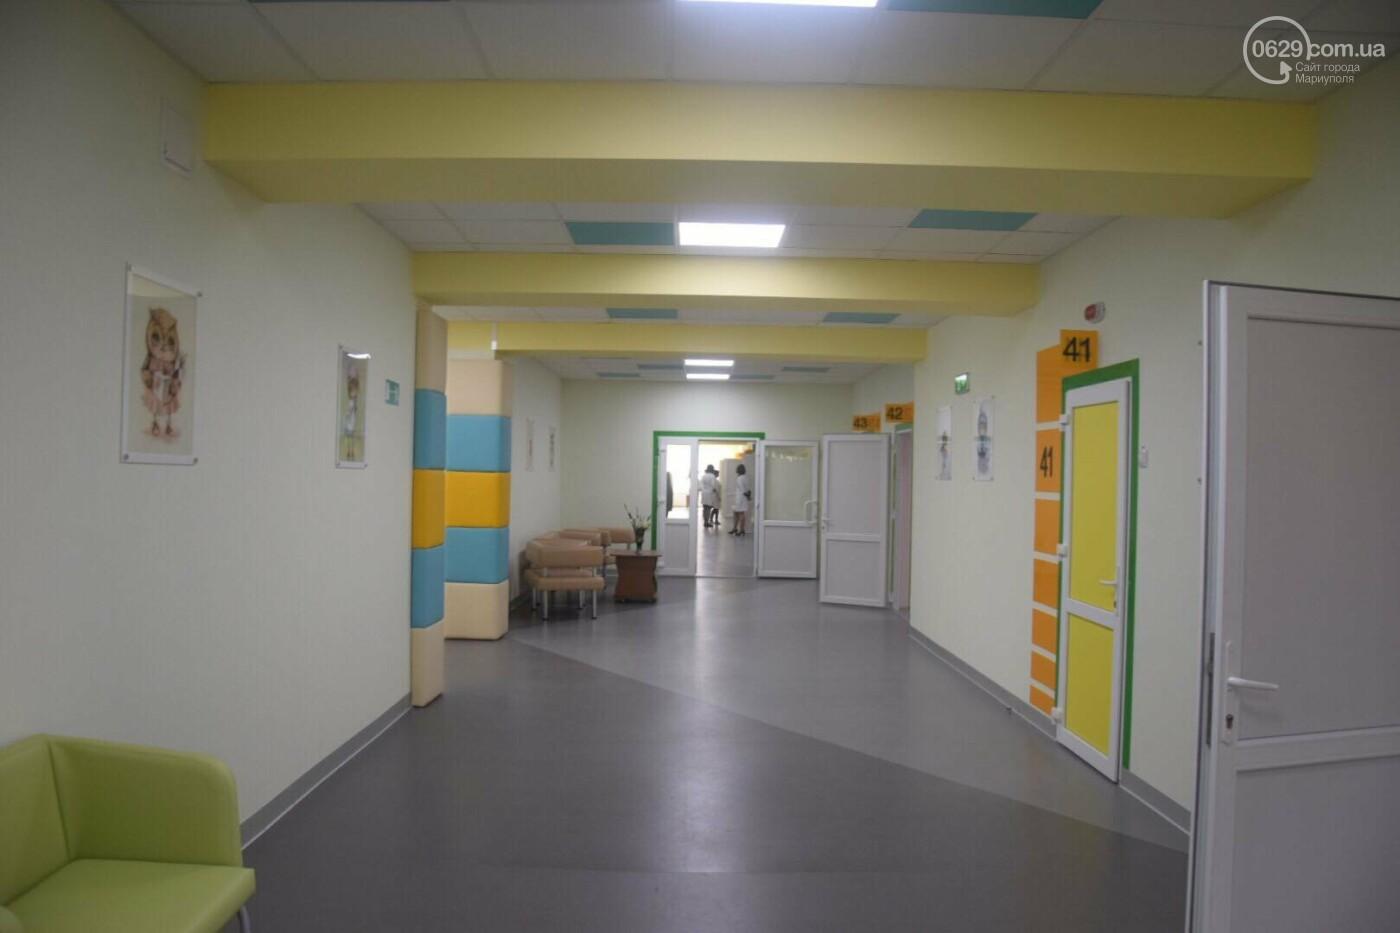 В Мариуполе Владимир Гройсман открыл детскую поликлинику и познакомился с Сережей, - ФОТОРЕПОРТАЖ, ВИДЕО, фото-2